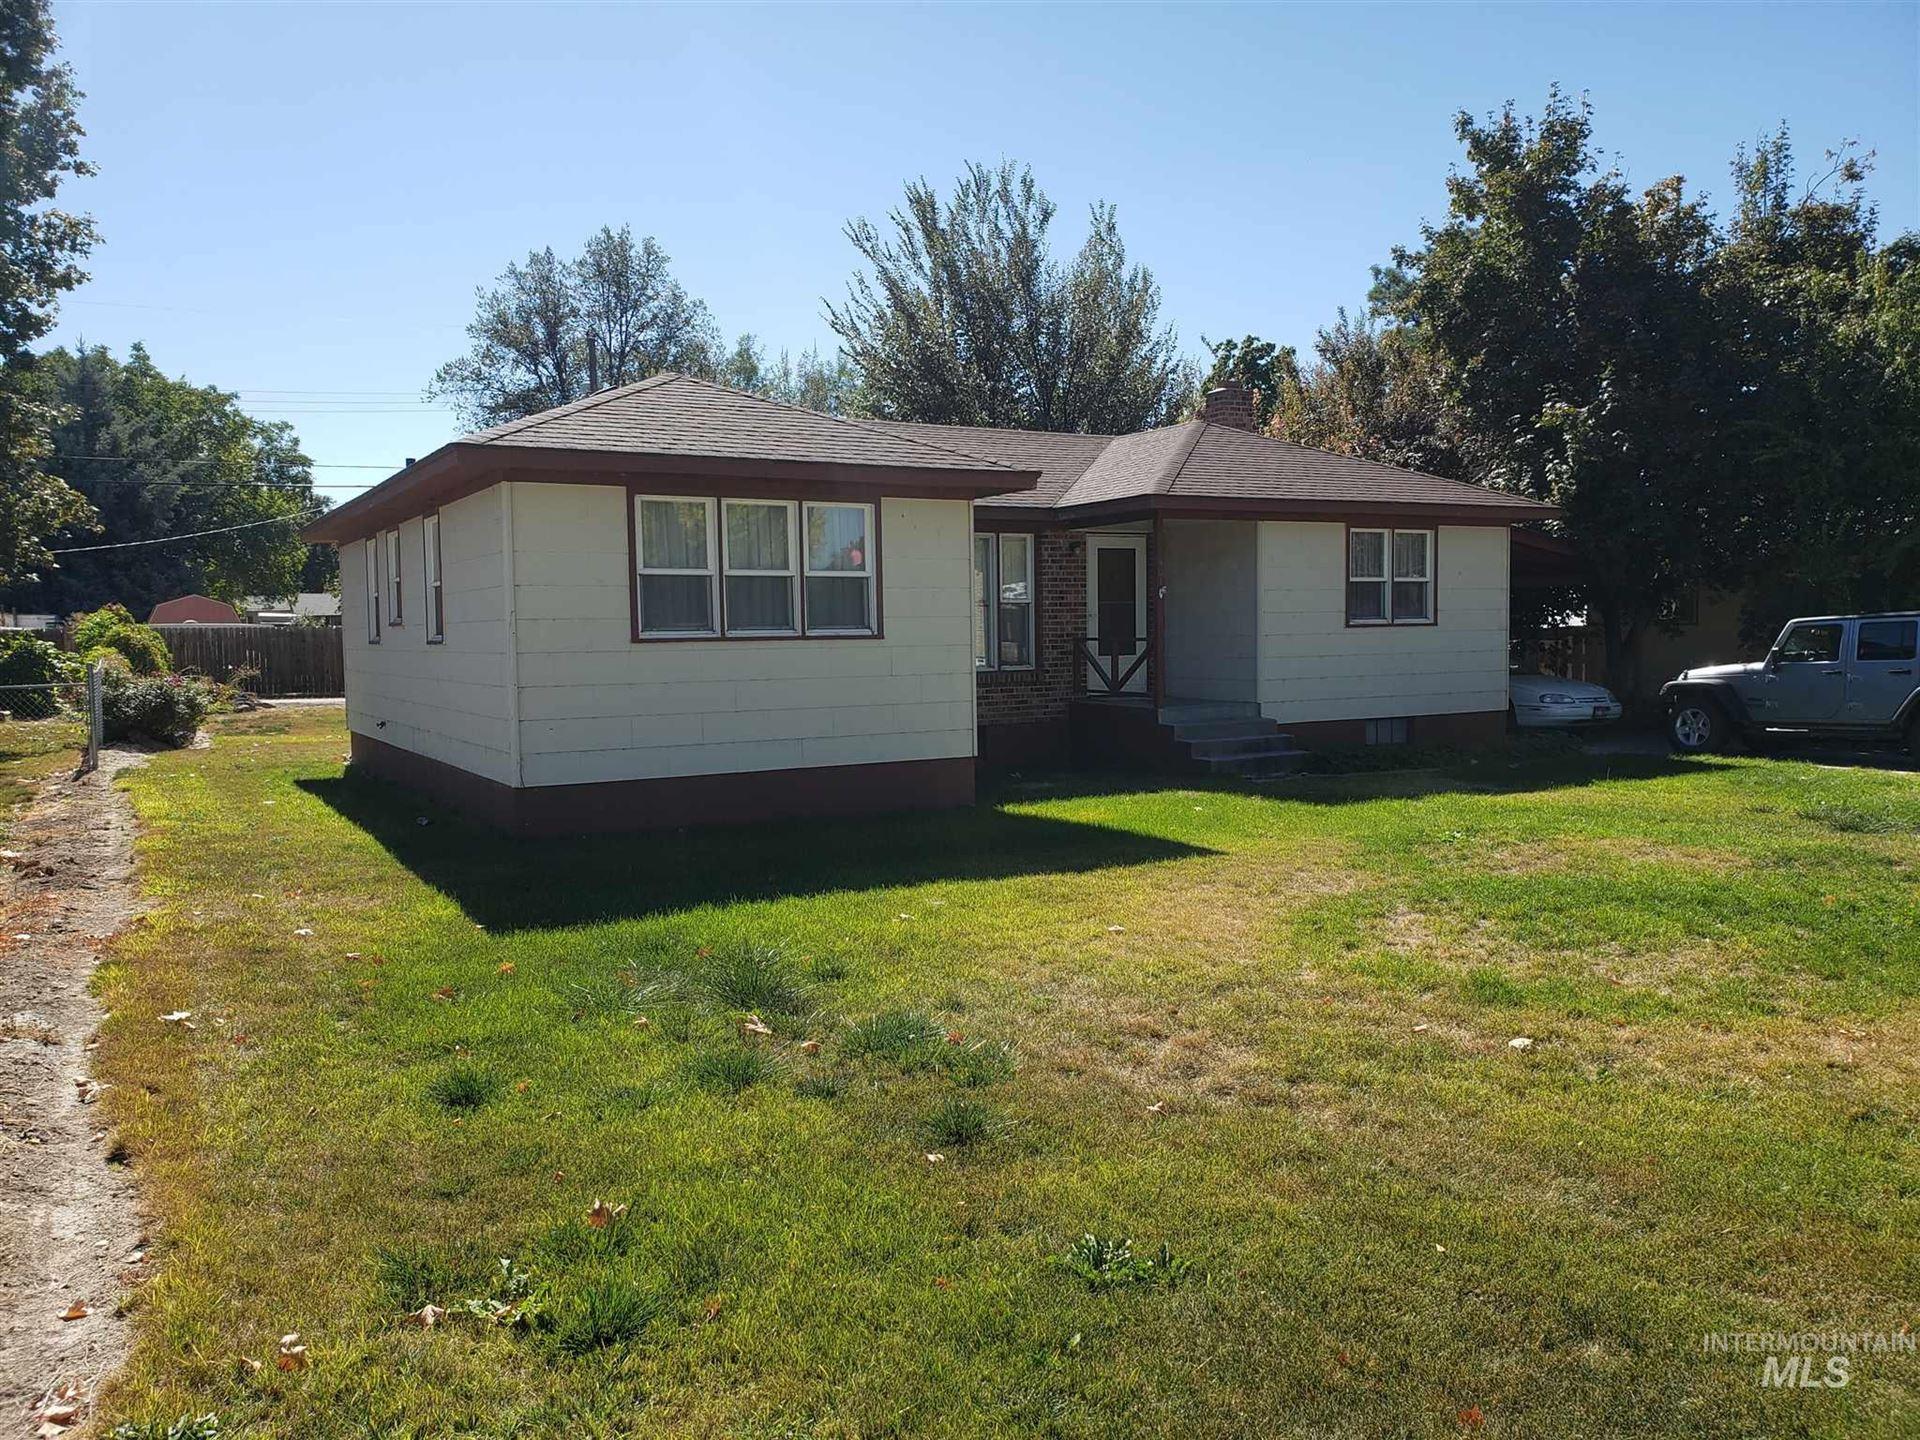 Photo of 401 W Hazel St., Caldwell, ID 83605 (MLS # 98782583)